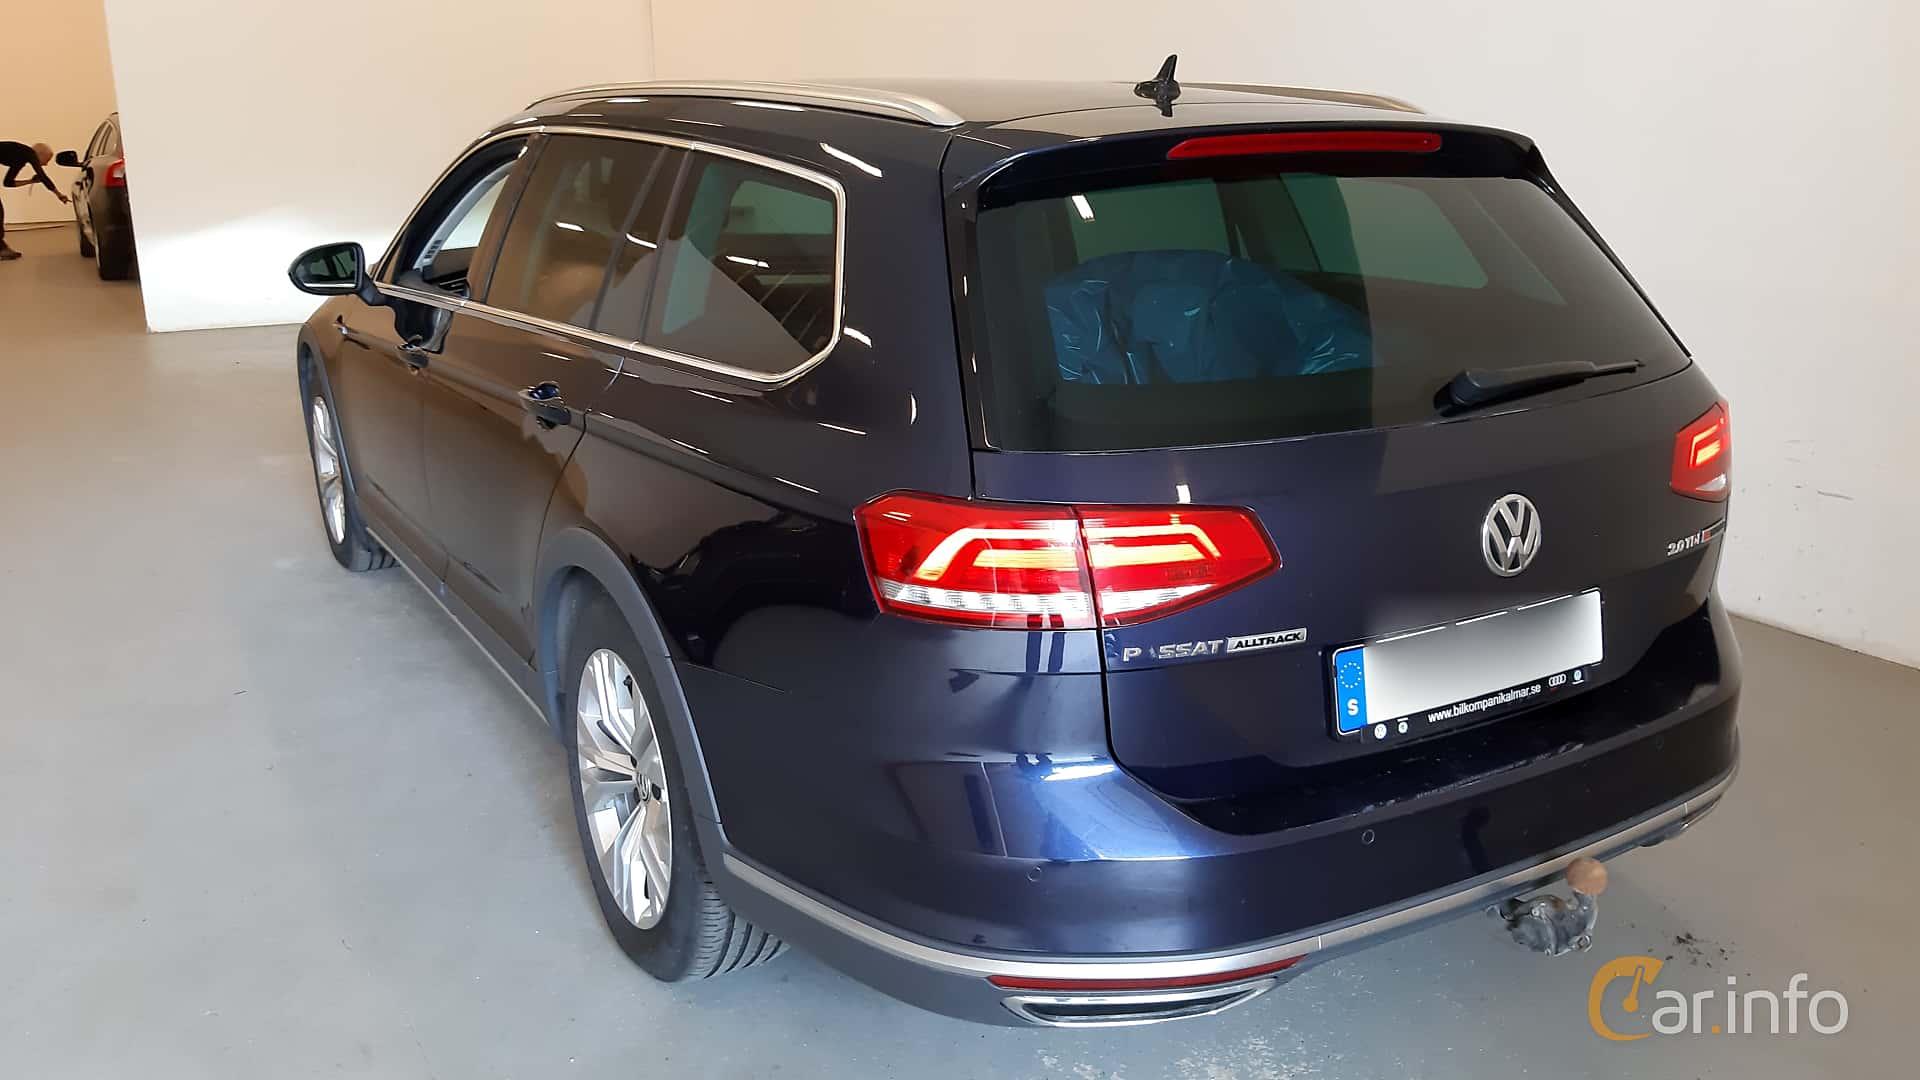 Volkswagen Passat Alltrack 2.0 TDI SCR BlueMotion 4Motion DSG Sequential, 190hp, 2017